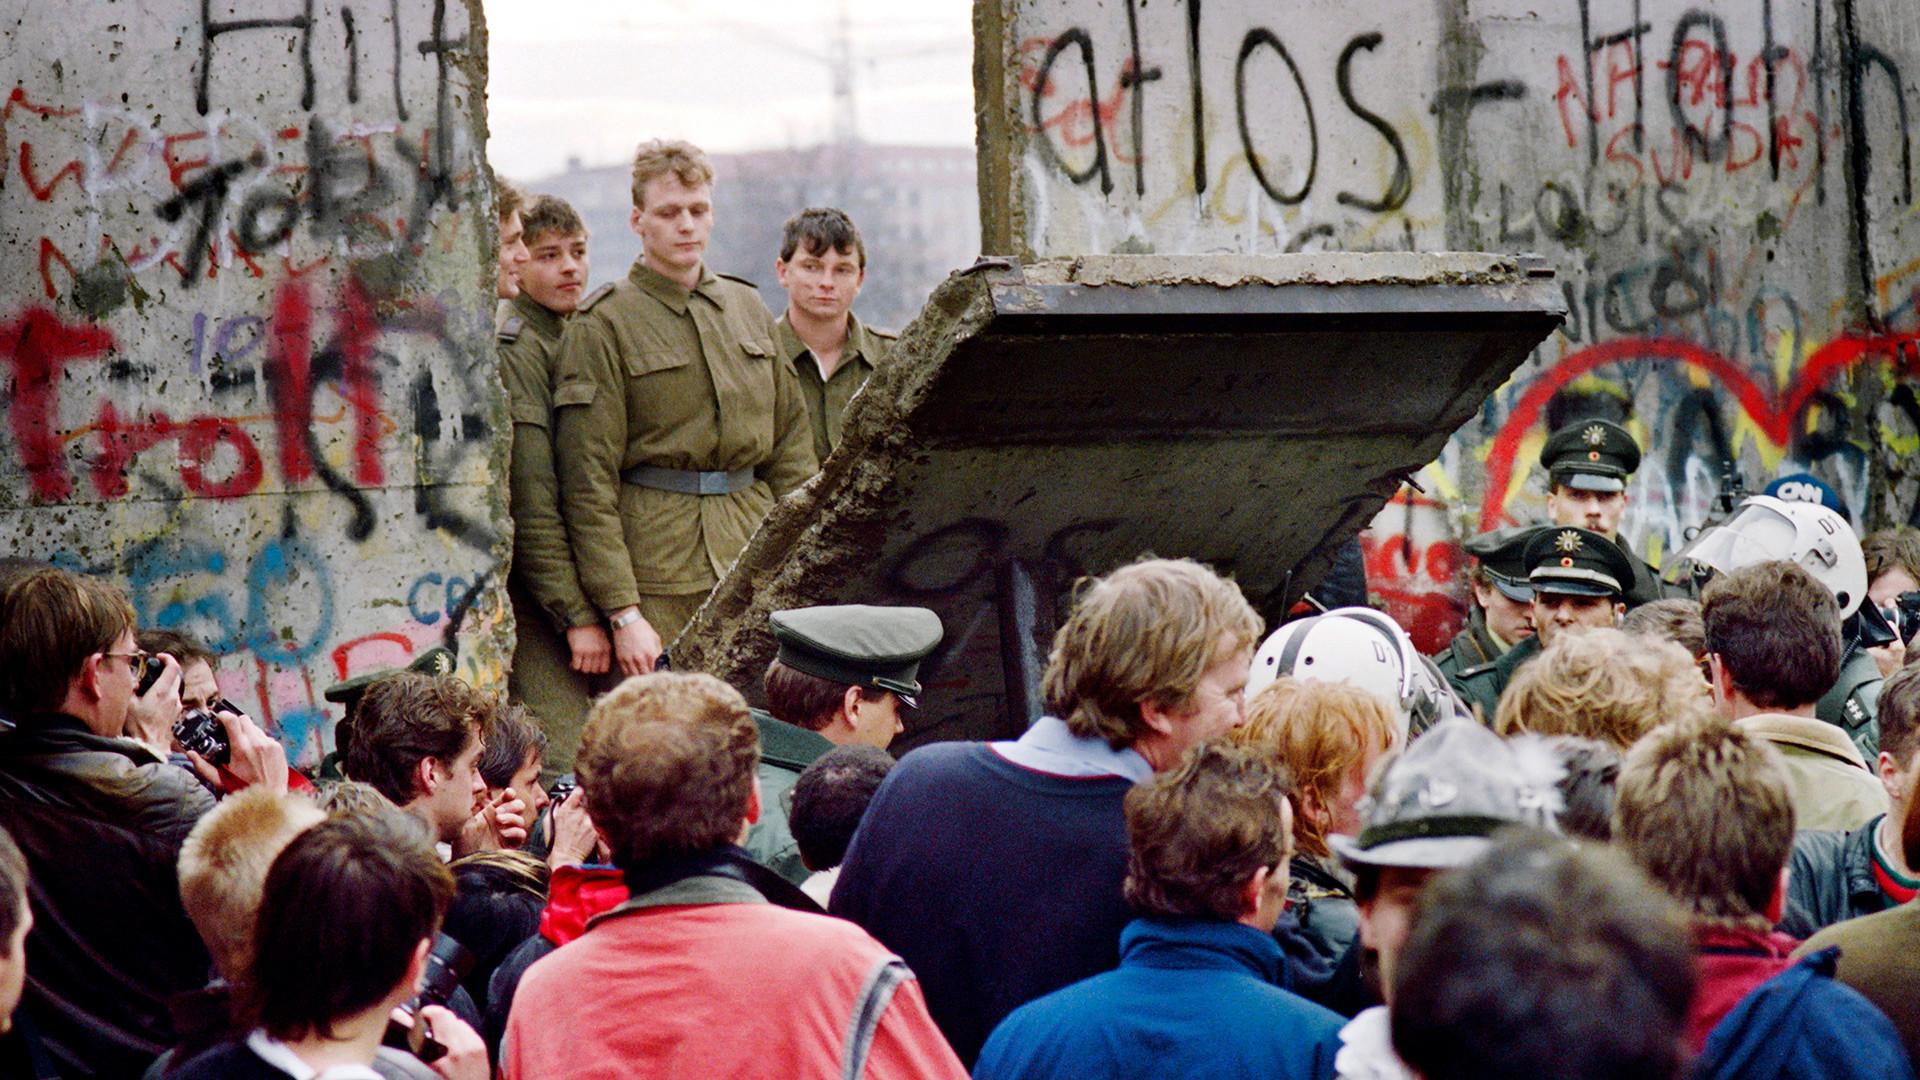 Грађани Западног Берлина испред Берлинског зида 11. новембра 1989. посматрају како источнонемачки граничари руше део Берлинског зида како би направили нови гранични прелаз близу Постдамског трга. Два дана раније је Гинтер Шабовски изјавио да ће источни Немци од поноћи моћи слободно да напусте земљу.